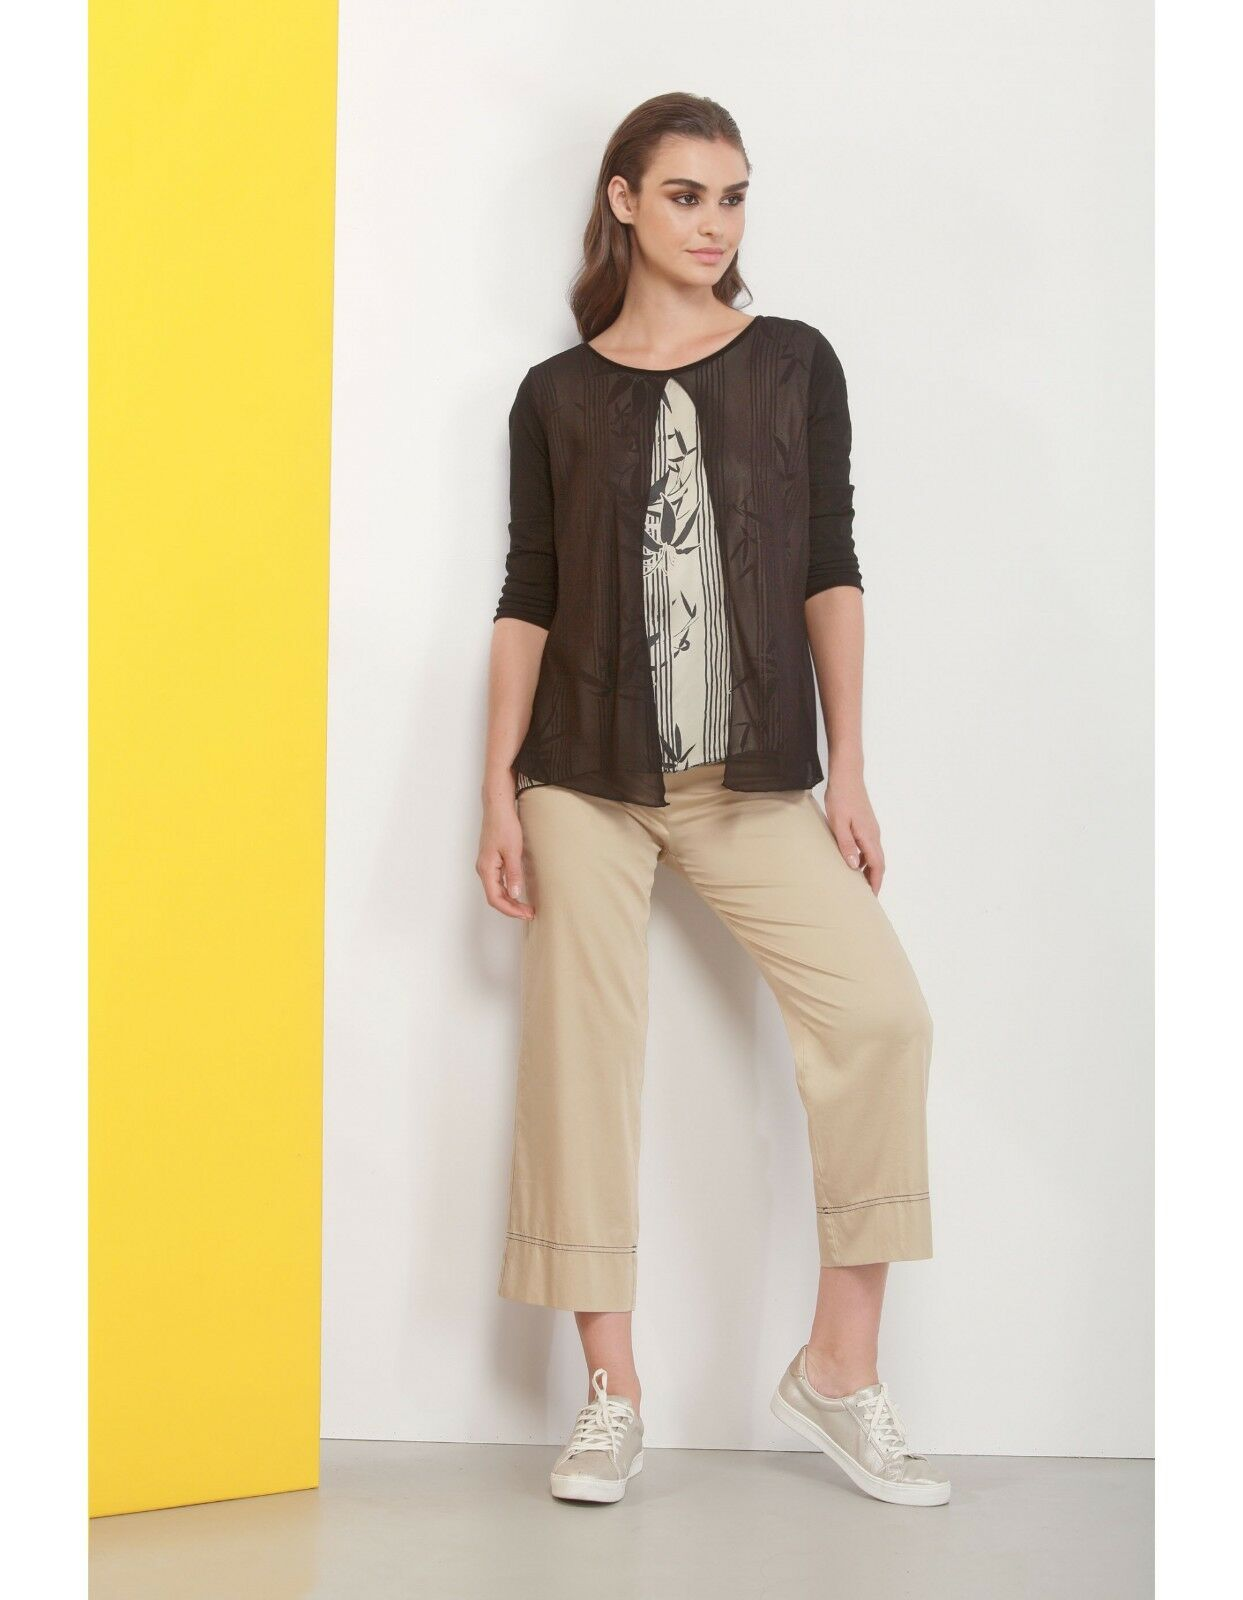 T-shirt doppia Deha manica 3 4 donna cotone viscosa viscosa viscosa moda casual nero girocollo b5a0a0